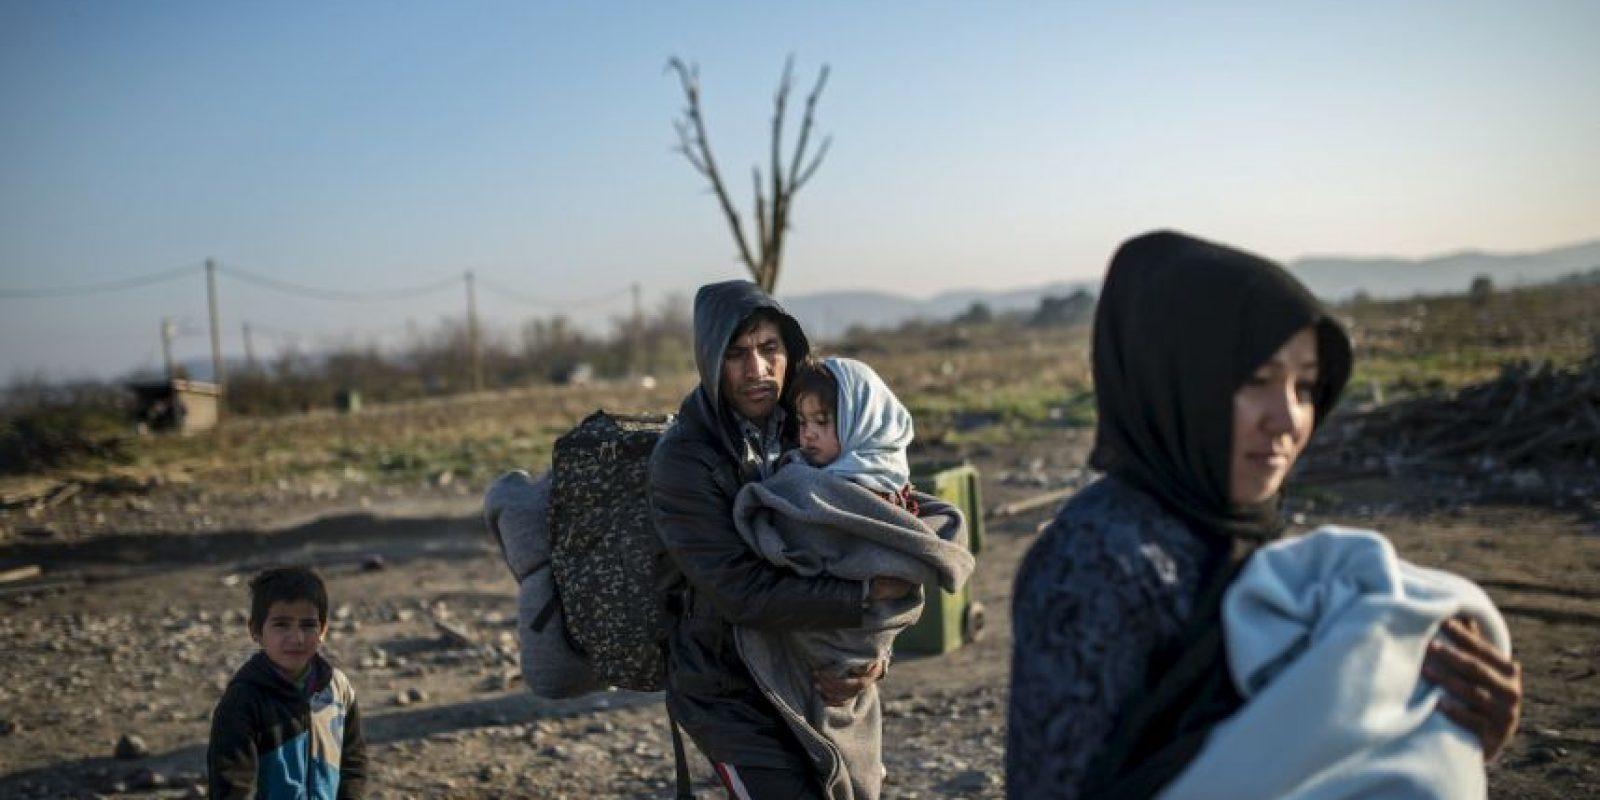 Familia de migrantes en la frontera de Grecia y Macedonia. Foto:AFP